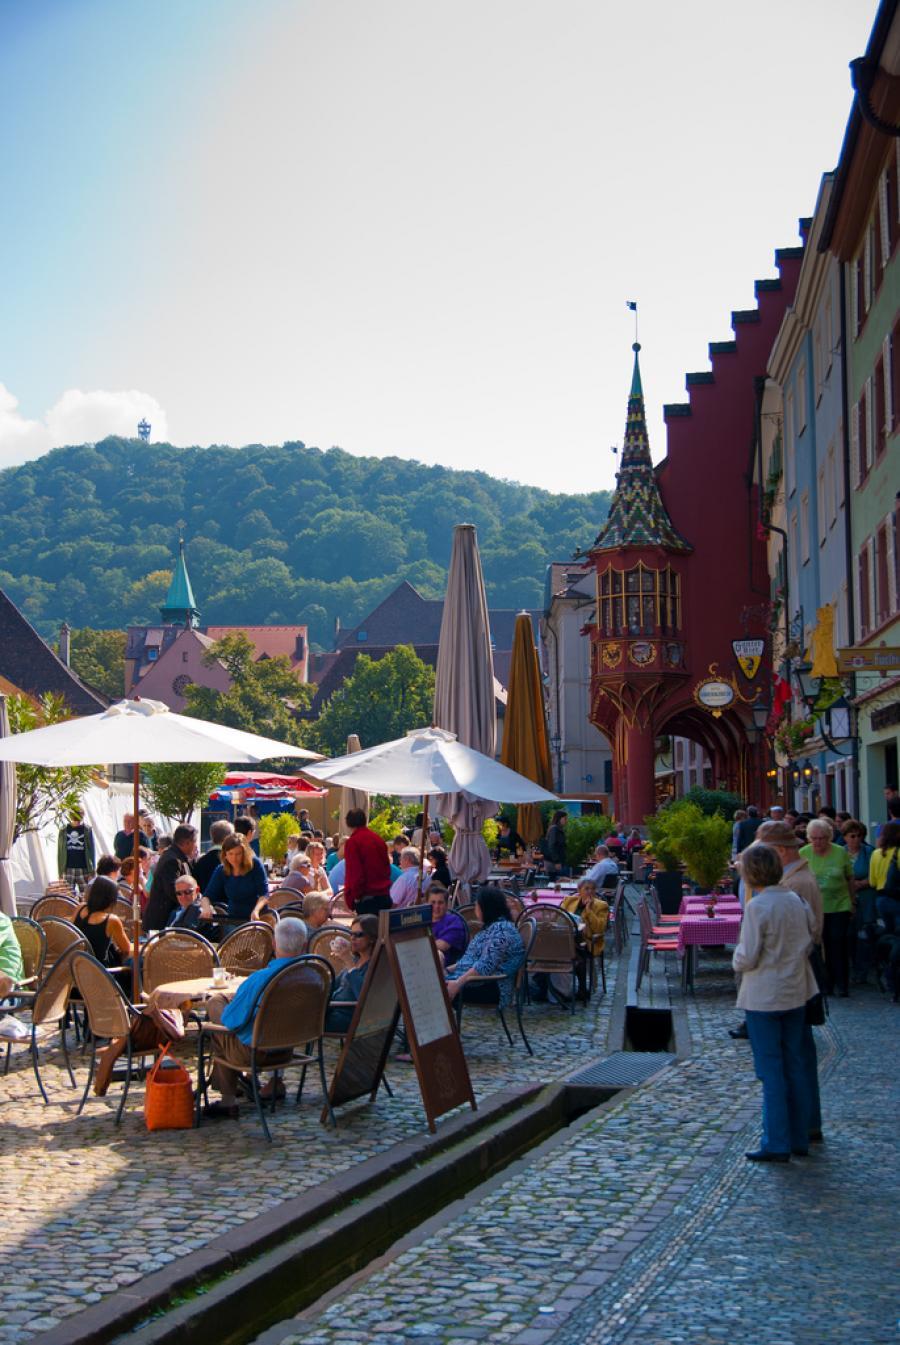 The Mole Diaries: Freiburg